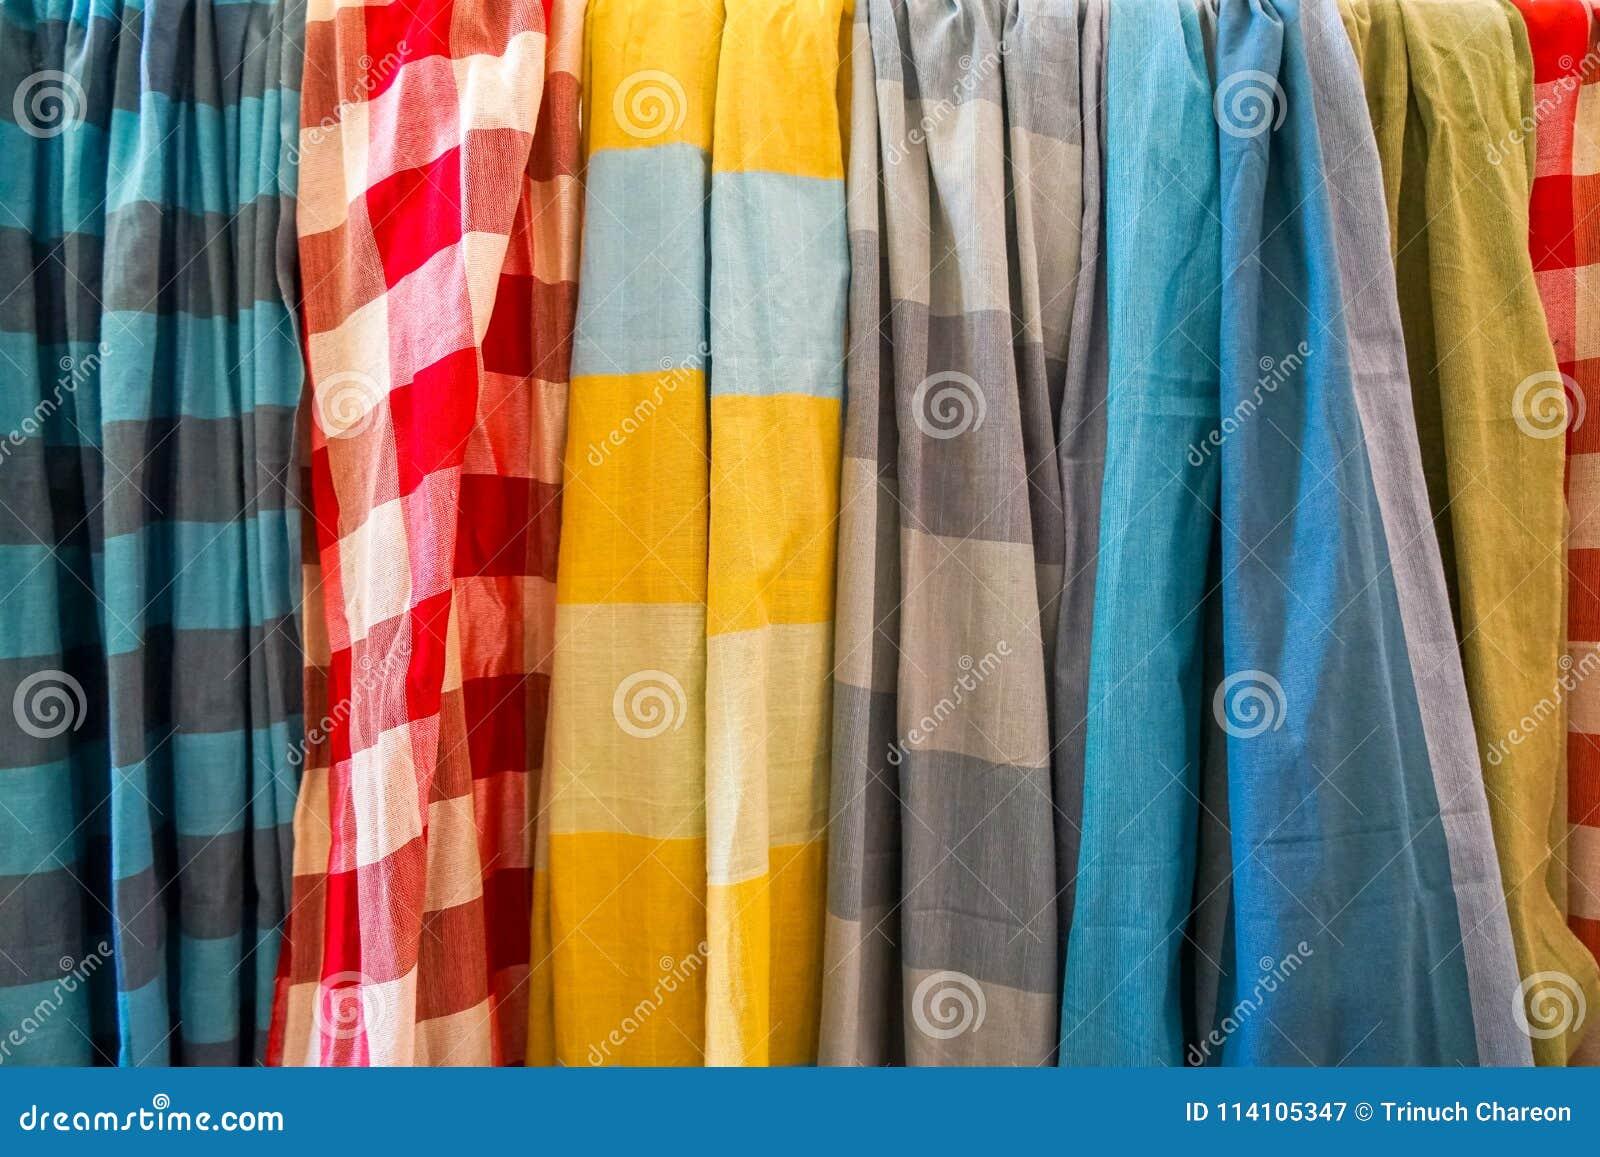 Reihe von bunten weichen Baumwollgewebeschals in der Ebene und Kontrolleur kopieren den Verkauf im lokalen Shop